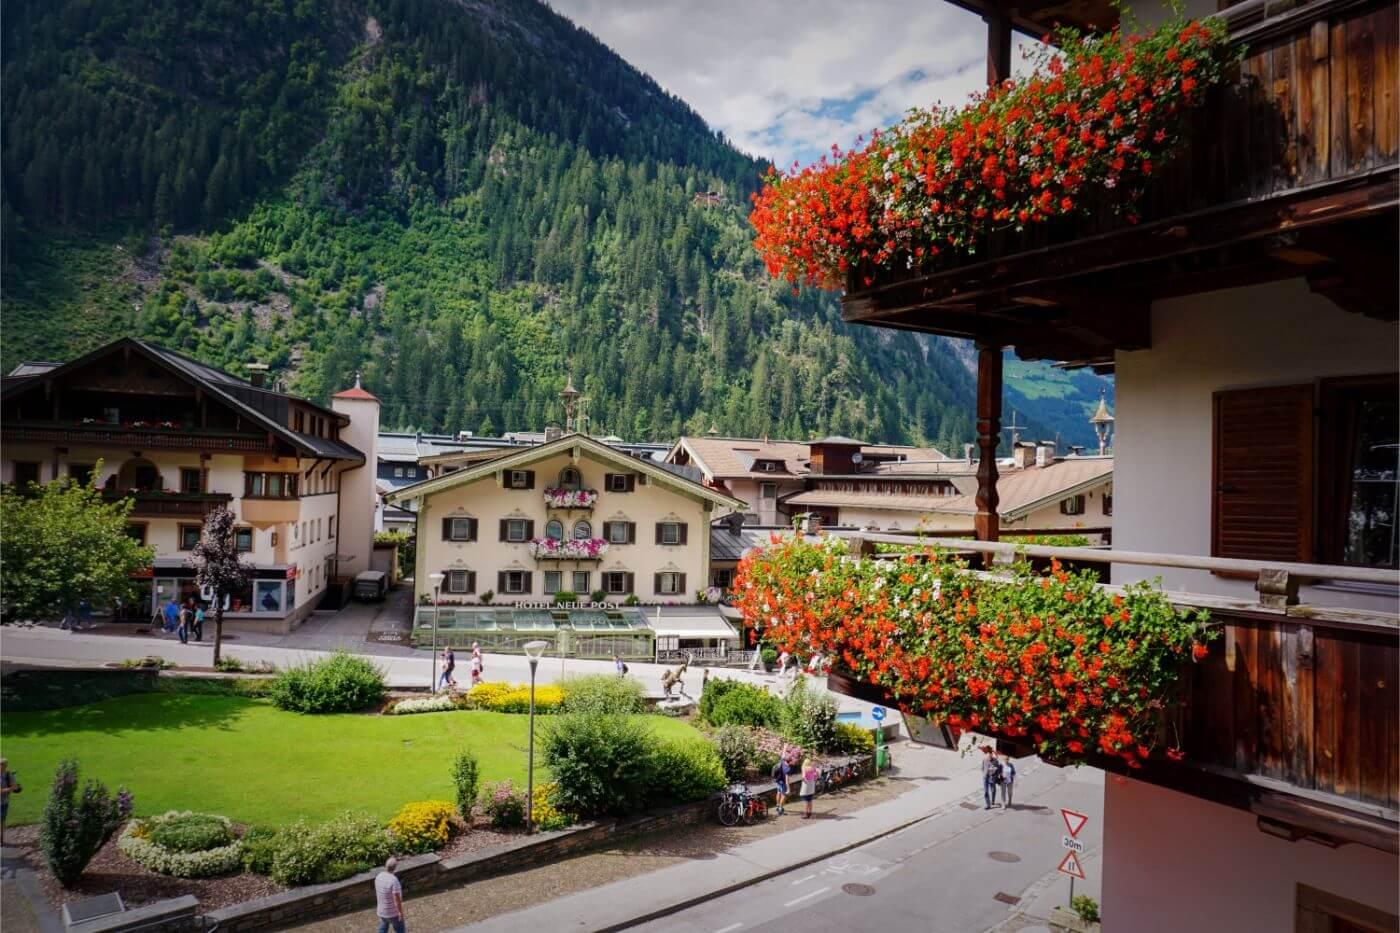 Where to Stay in Mayrhofen in Summer - Alpenhotel Kramerwirt